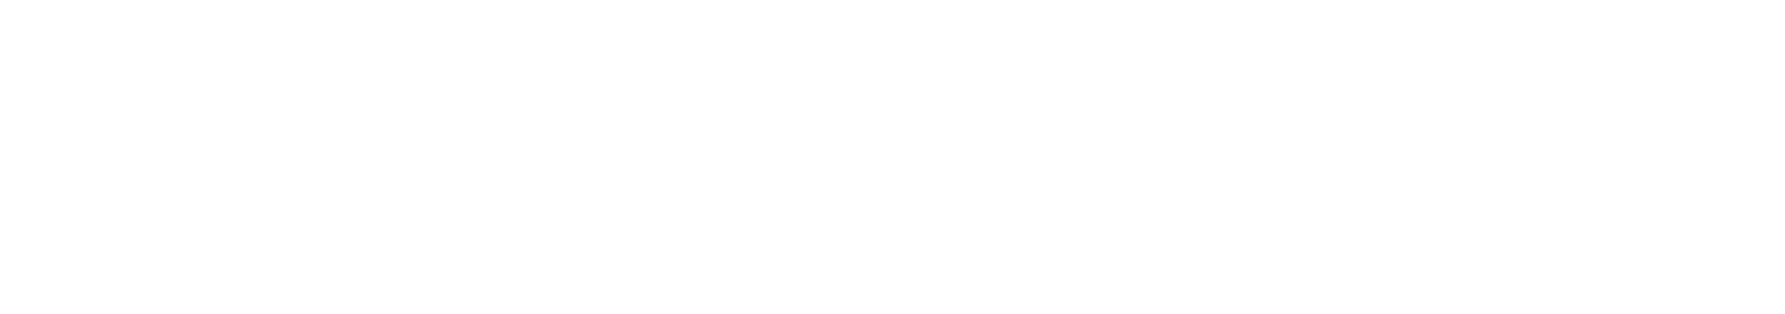 stranglehold-logo-white-on-trans